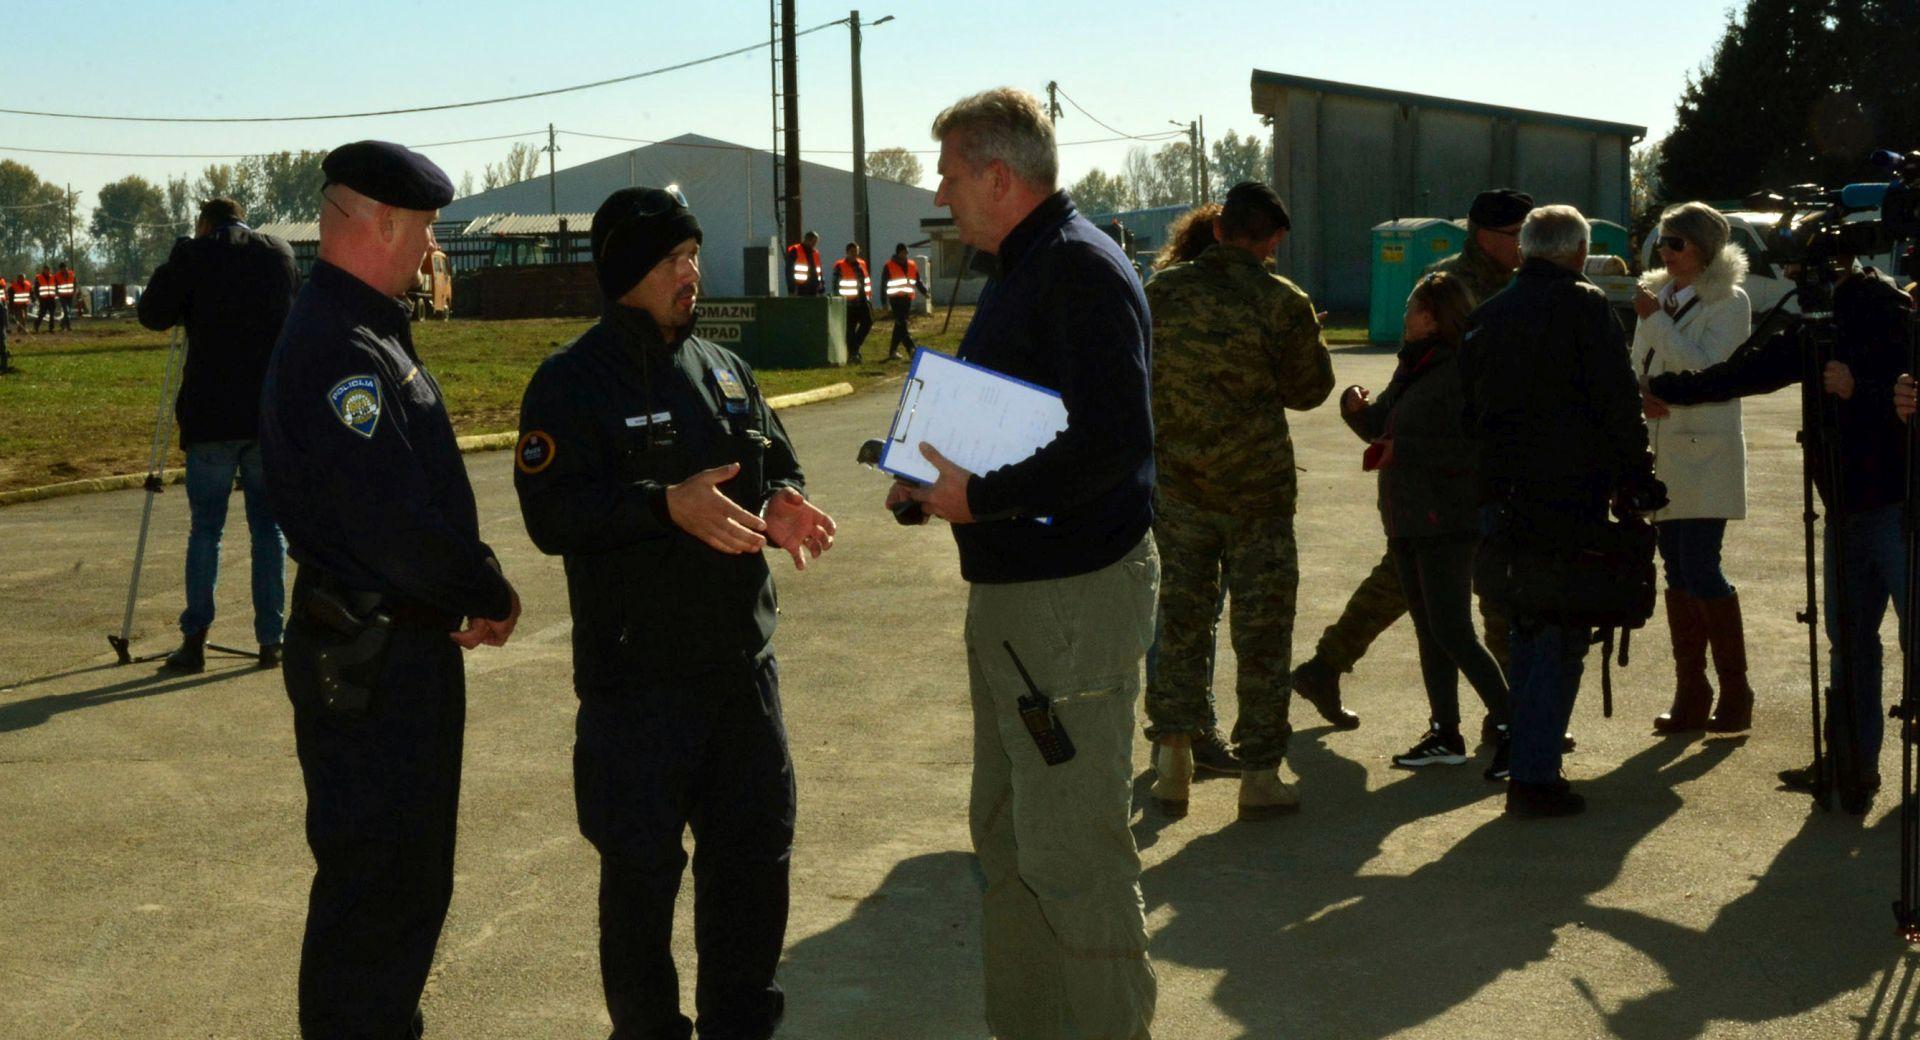 IZBJEGLICE Ostojić: Prvi migranti u centar u Slavonski Brod stižu u utorak